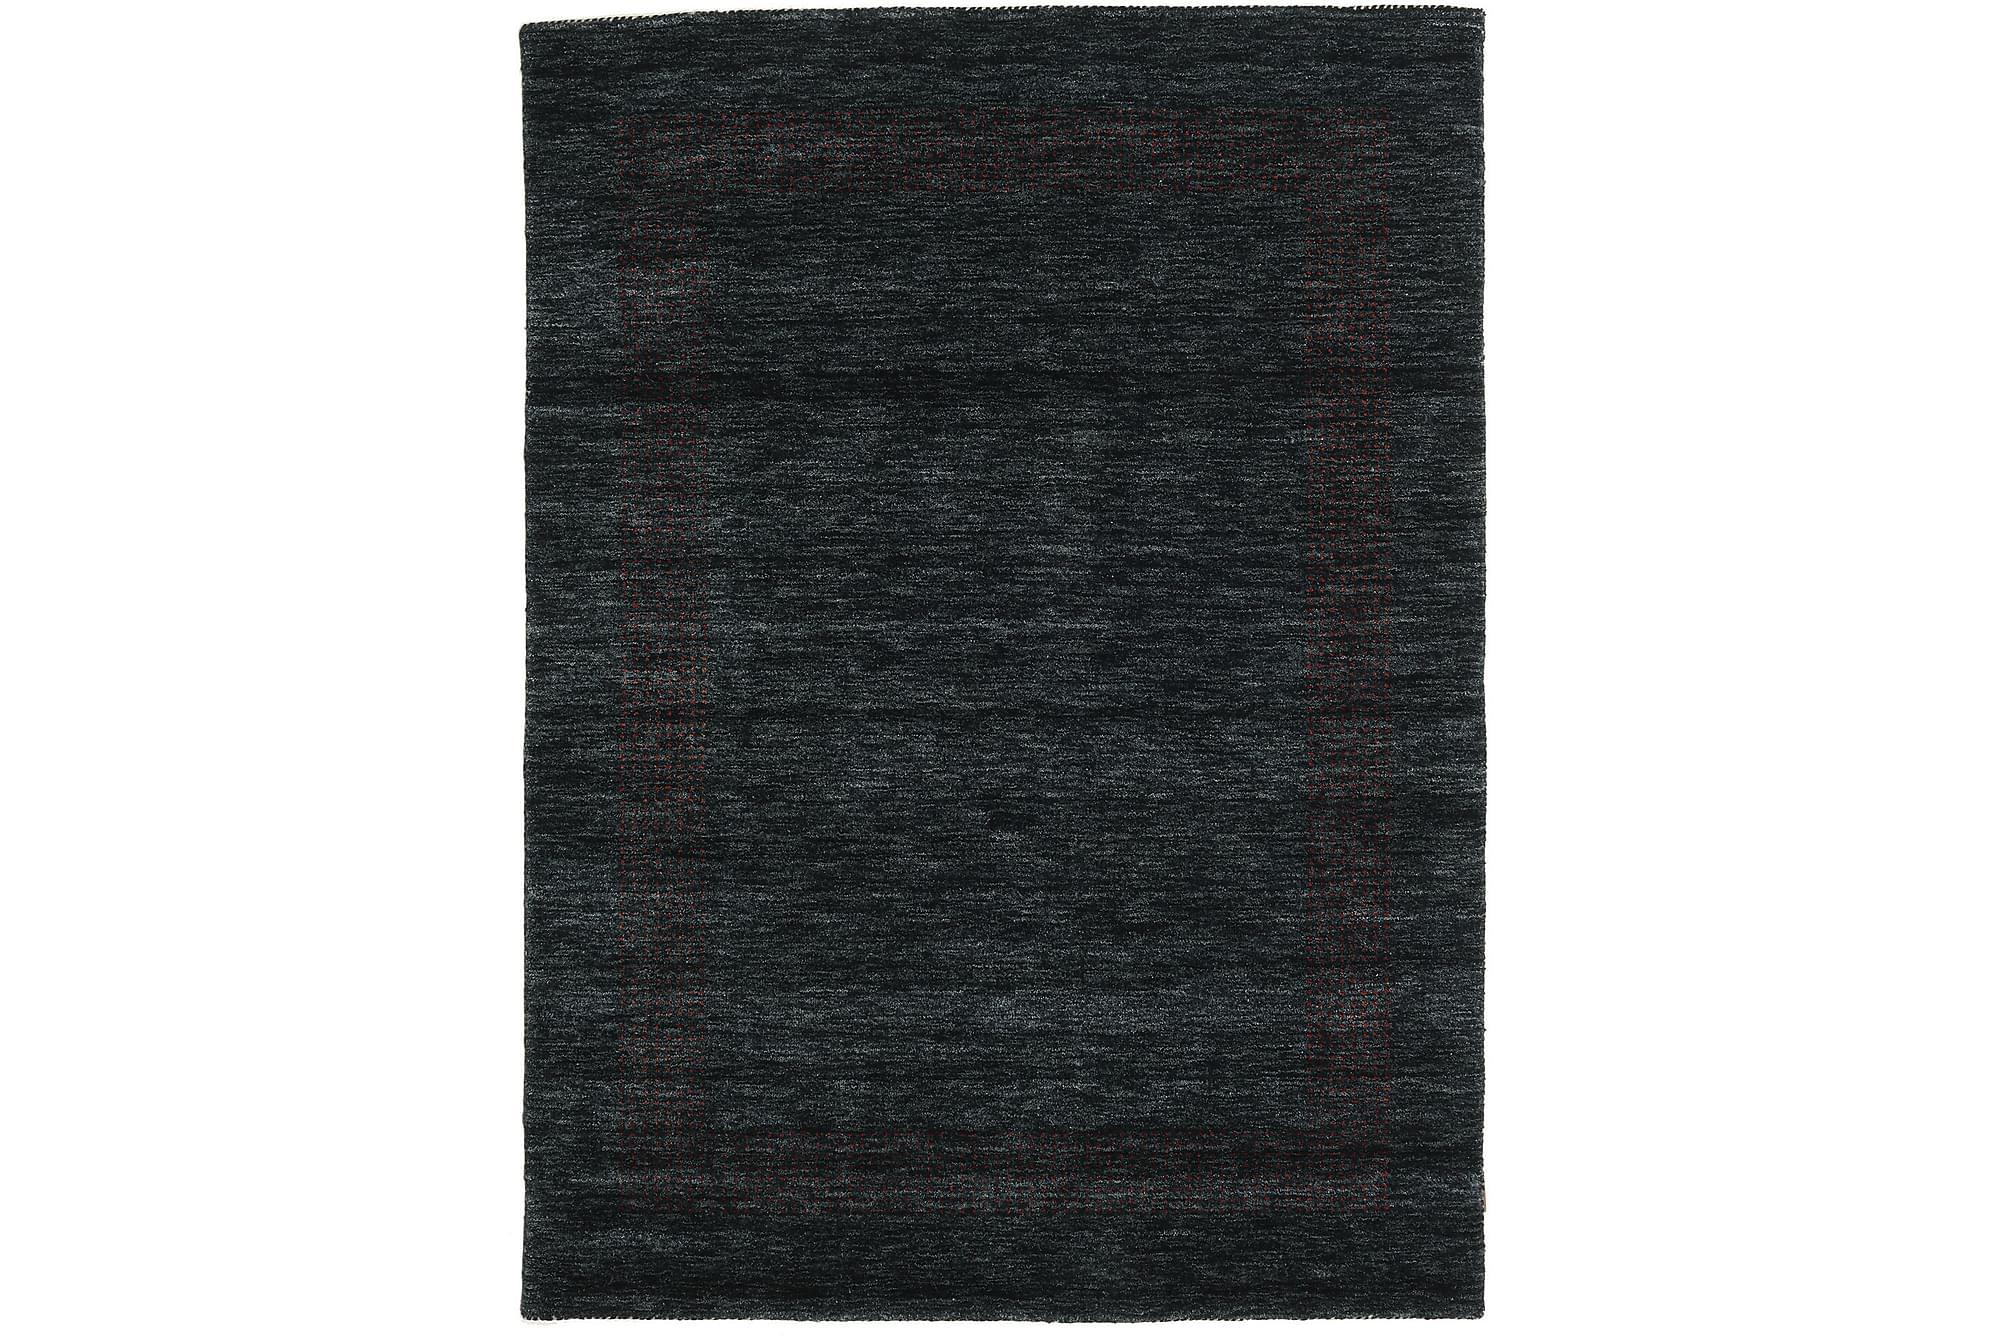 MATTA Handloom 140x200, Enfärgade mattor